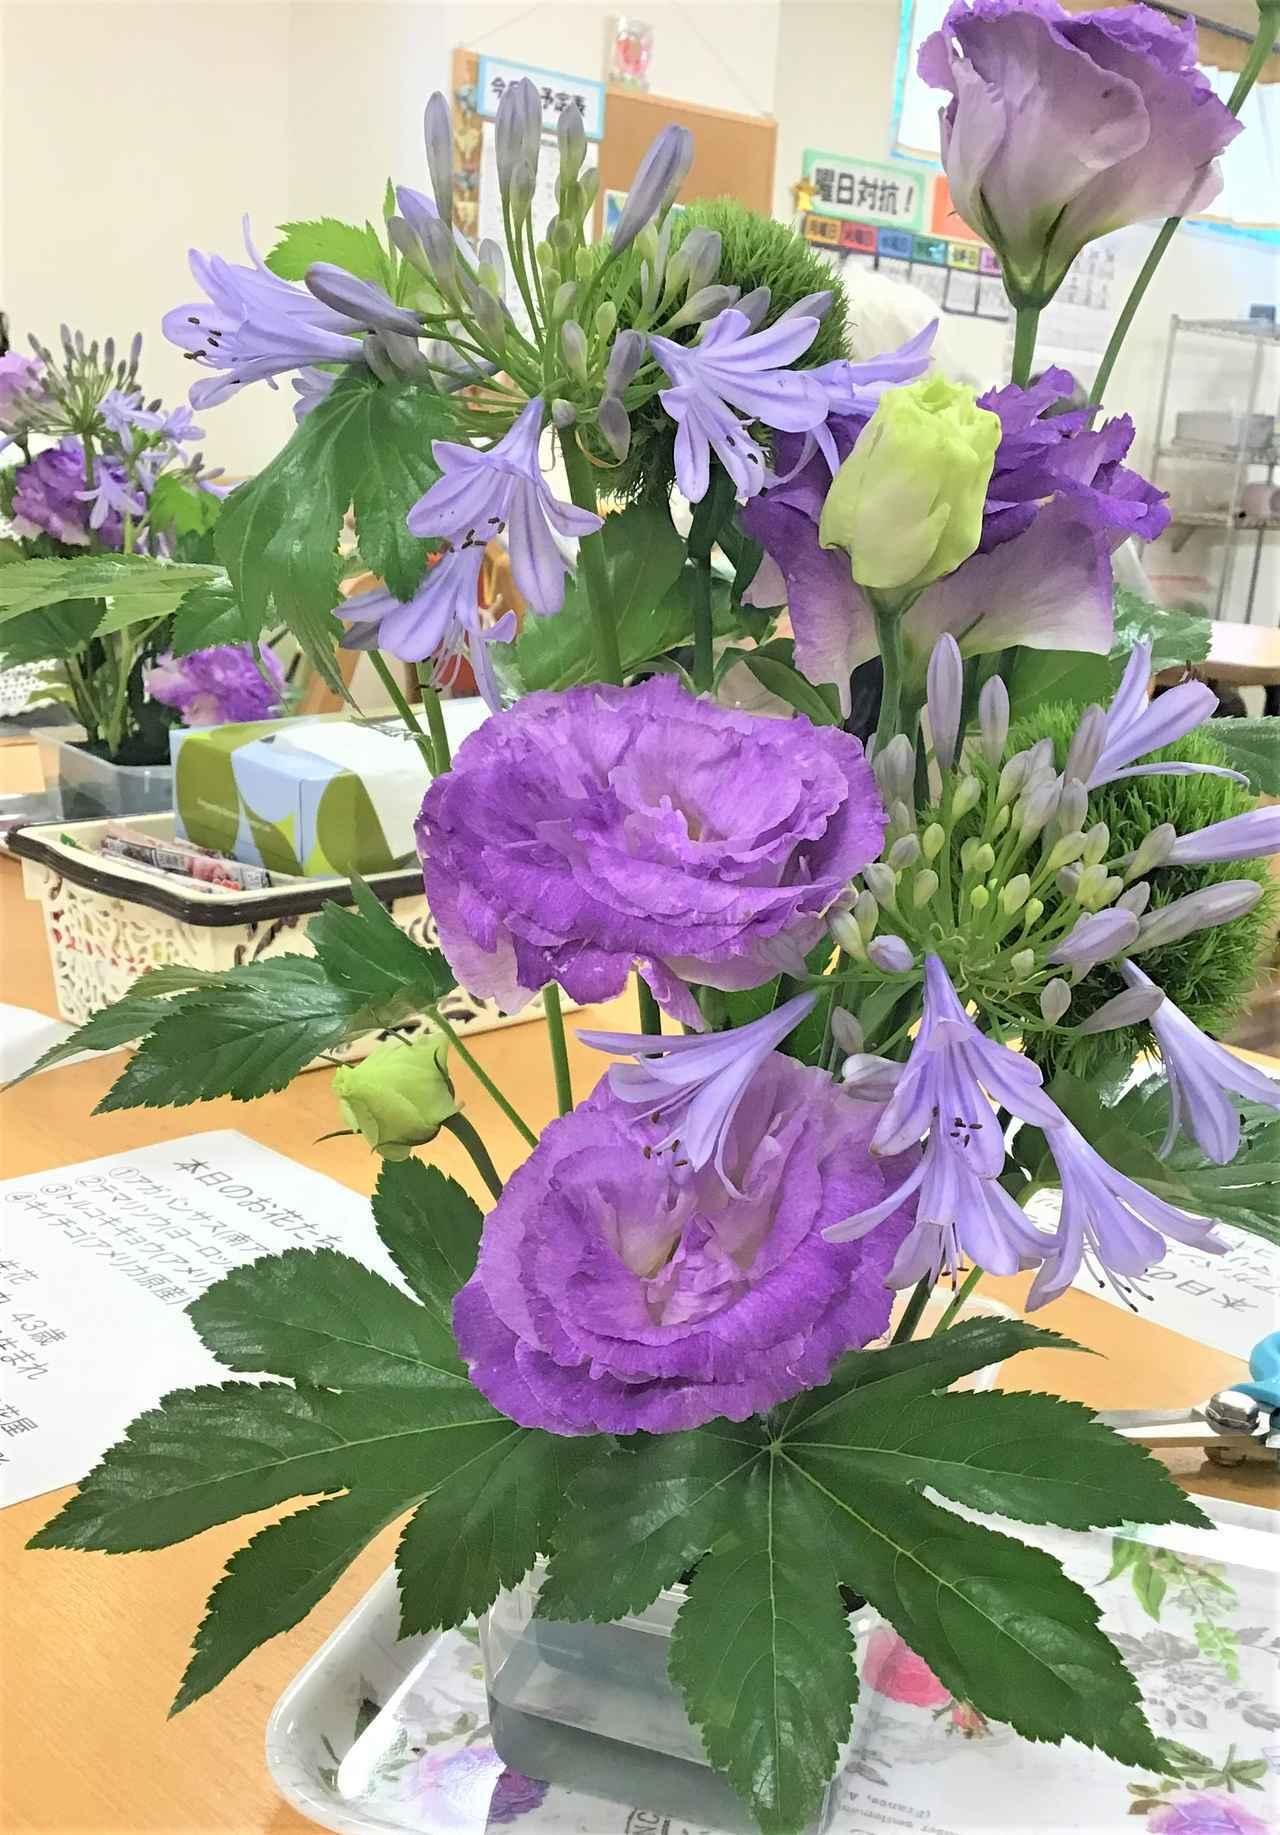 画像3: 本日のお花たちをご紹介いたします。